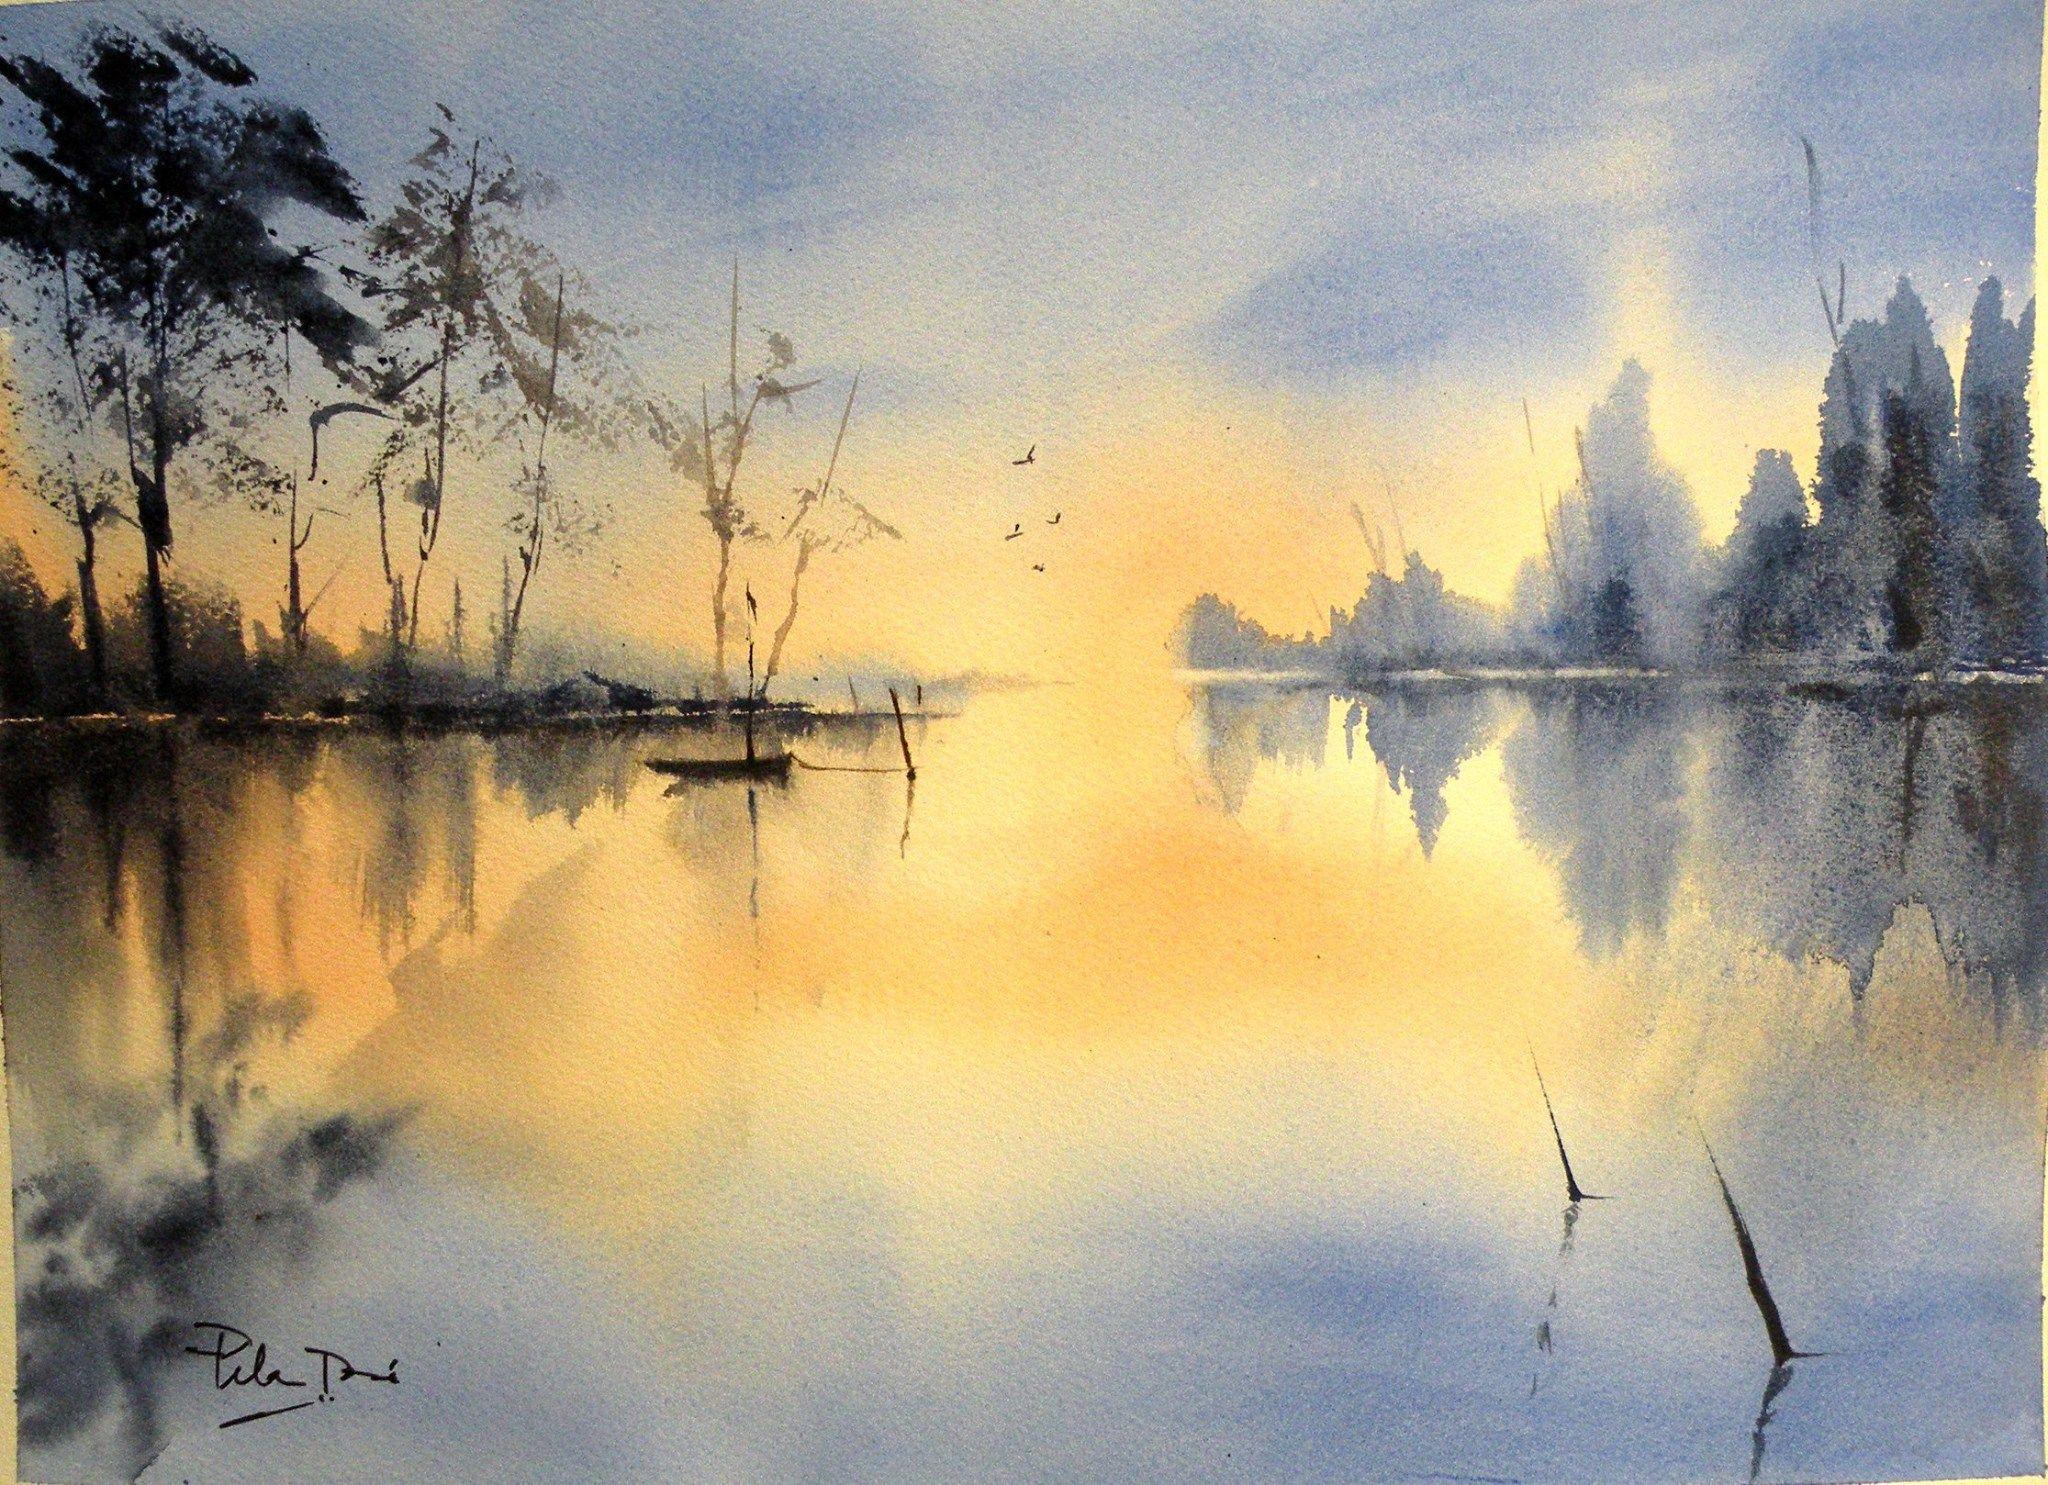 Epingle Par Sarah Laman Sur Watercolor Art Peinture Paysage